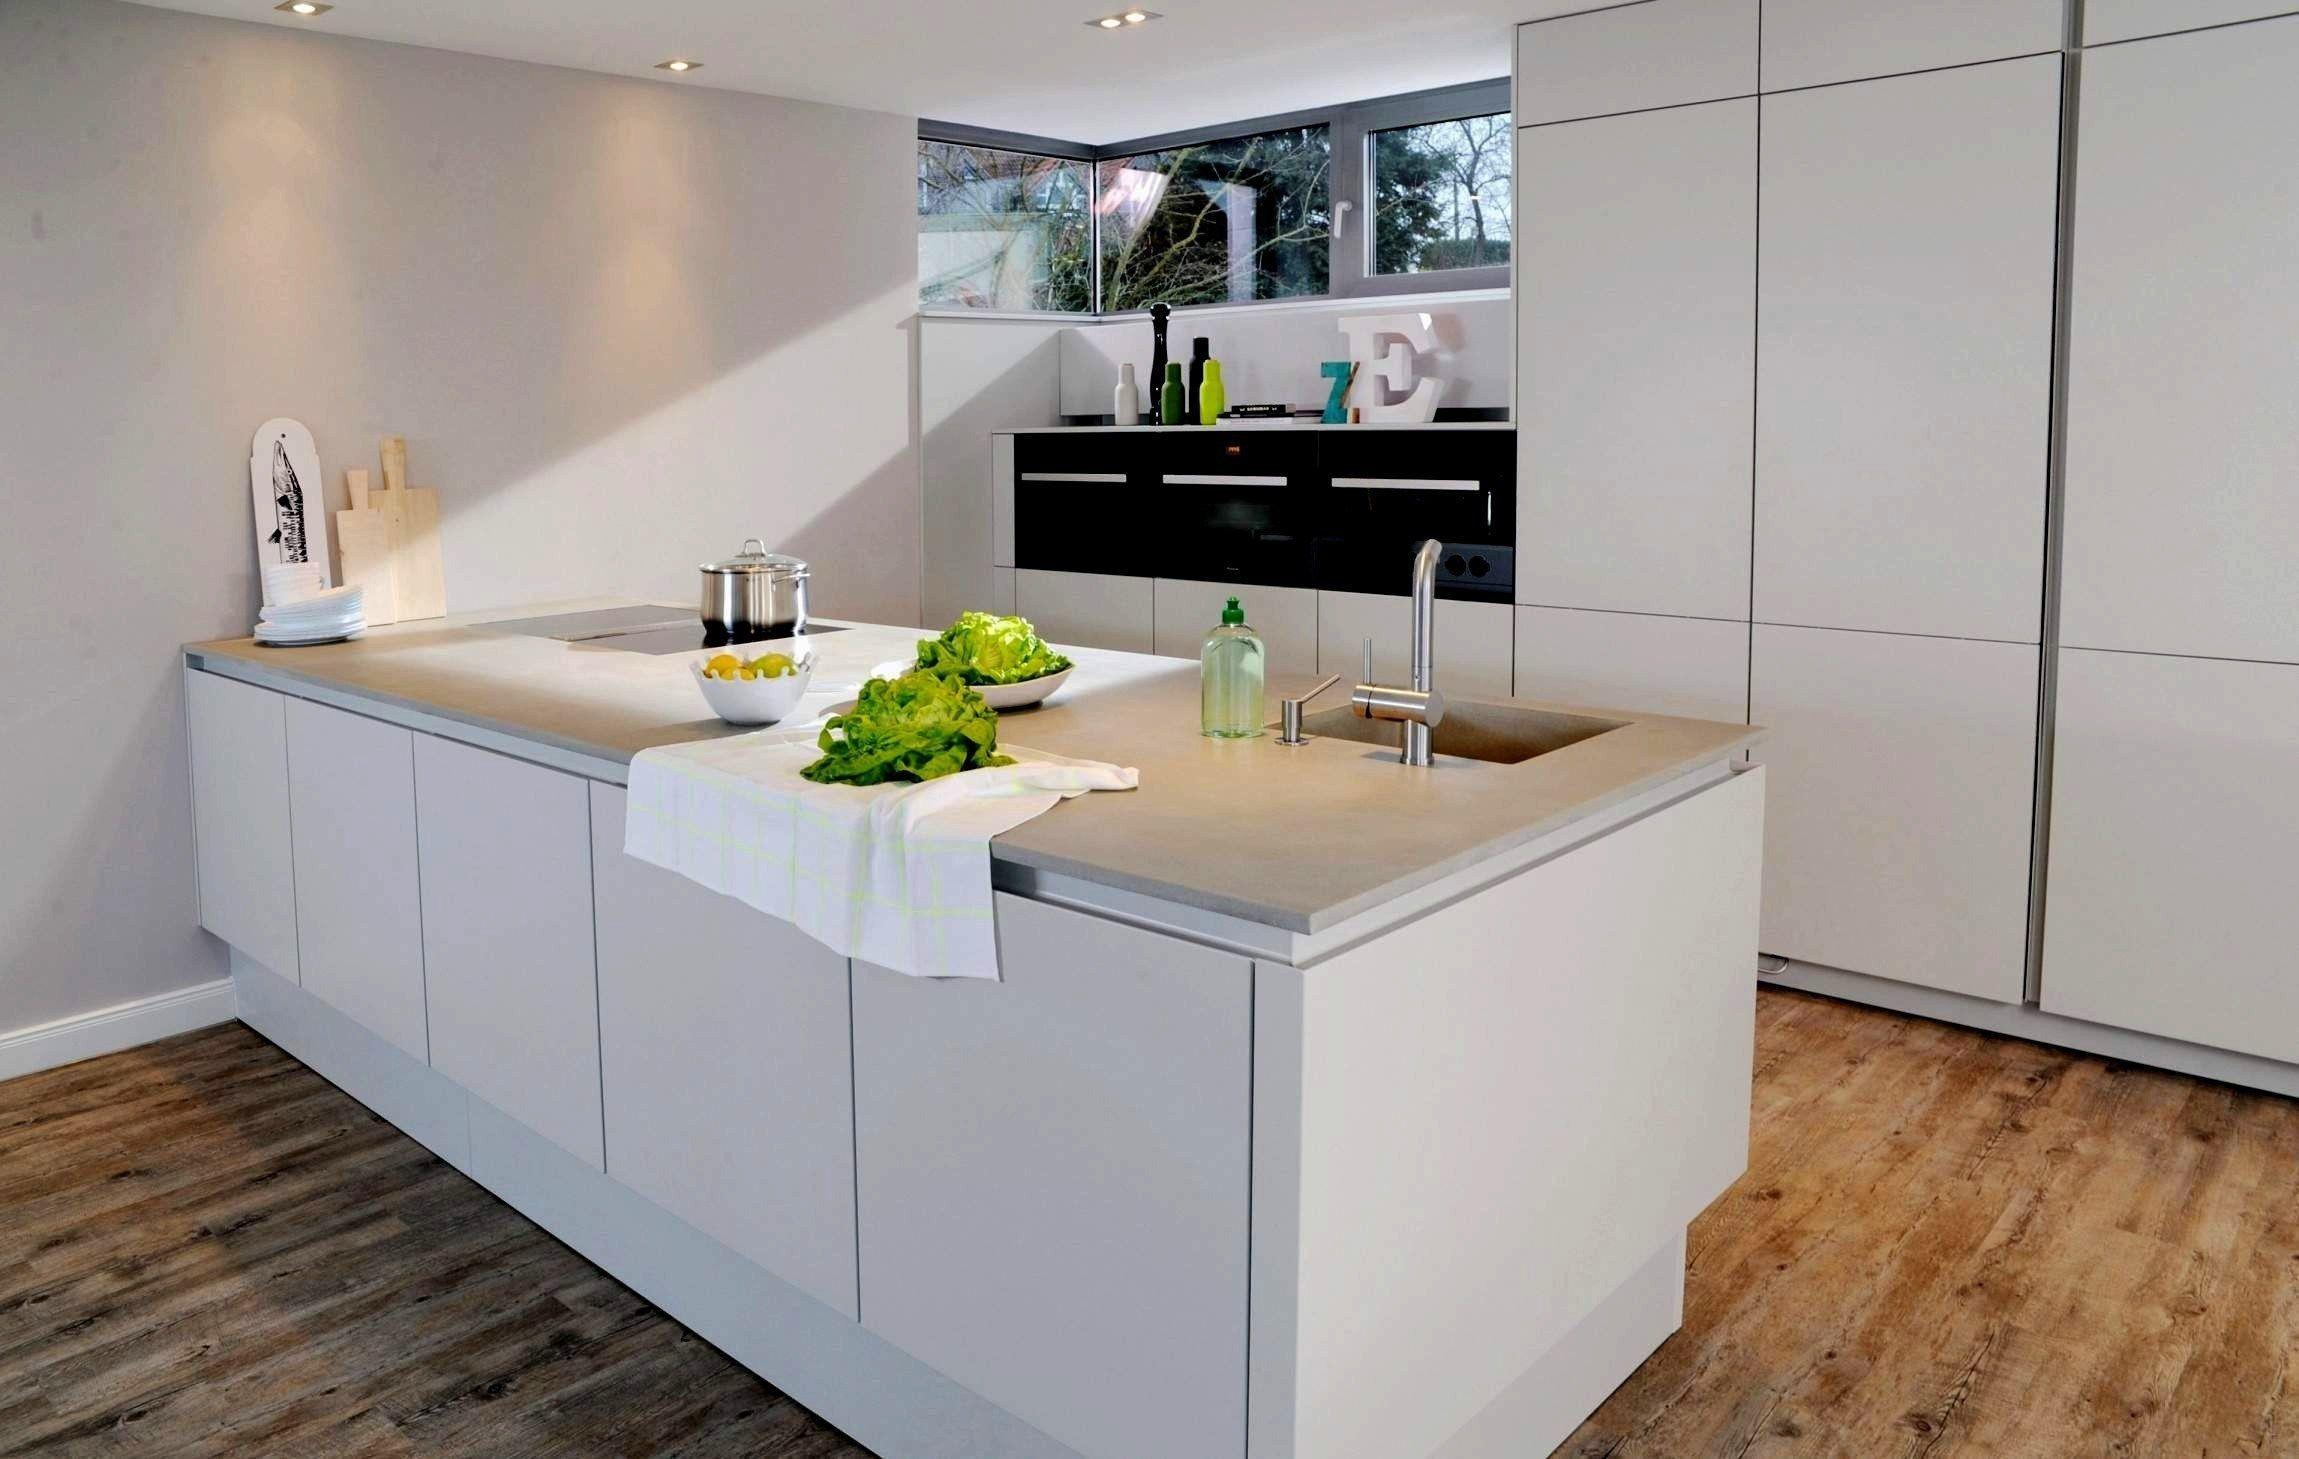 Arbeitsplatte Baumarkt Ikea Küche Ikea Küche Arbeitsplatte ...